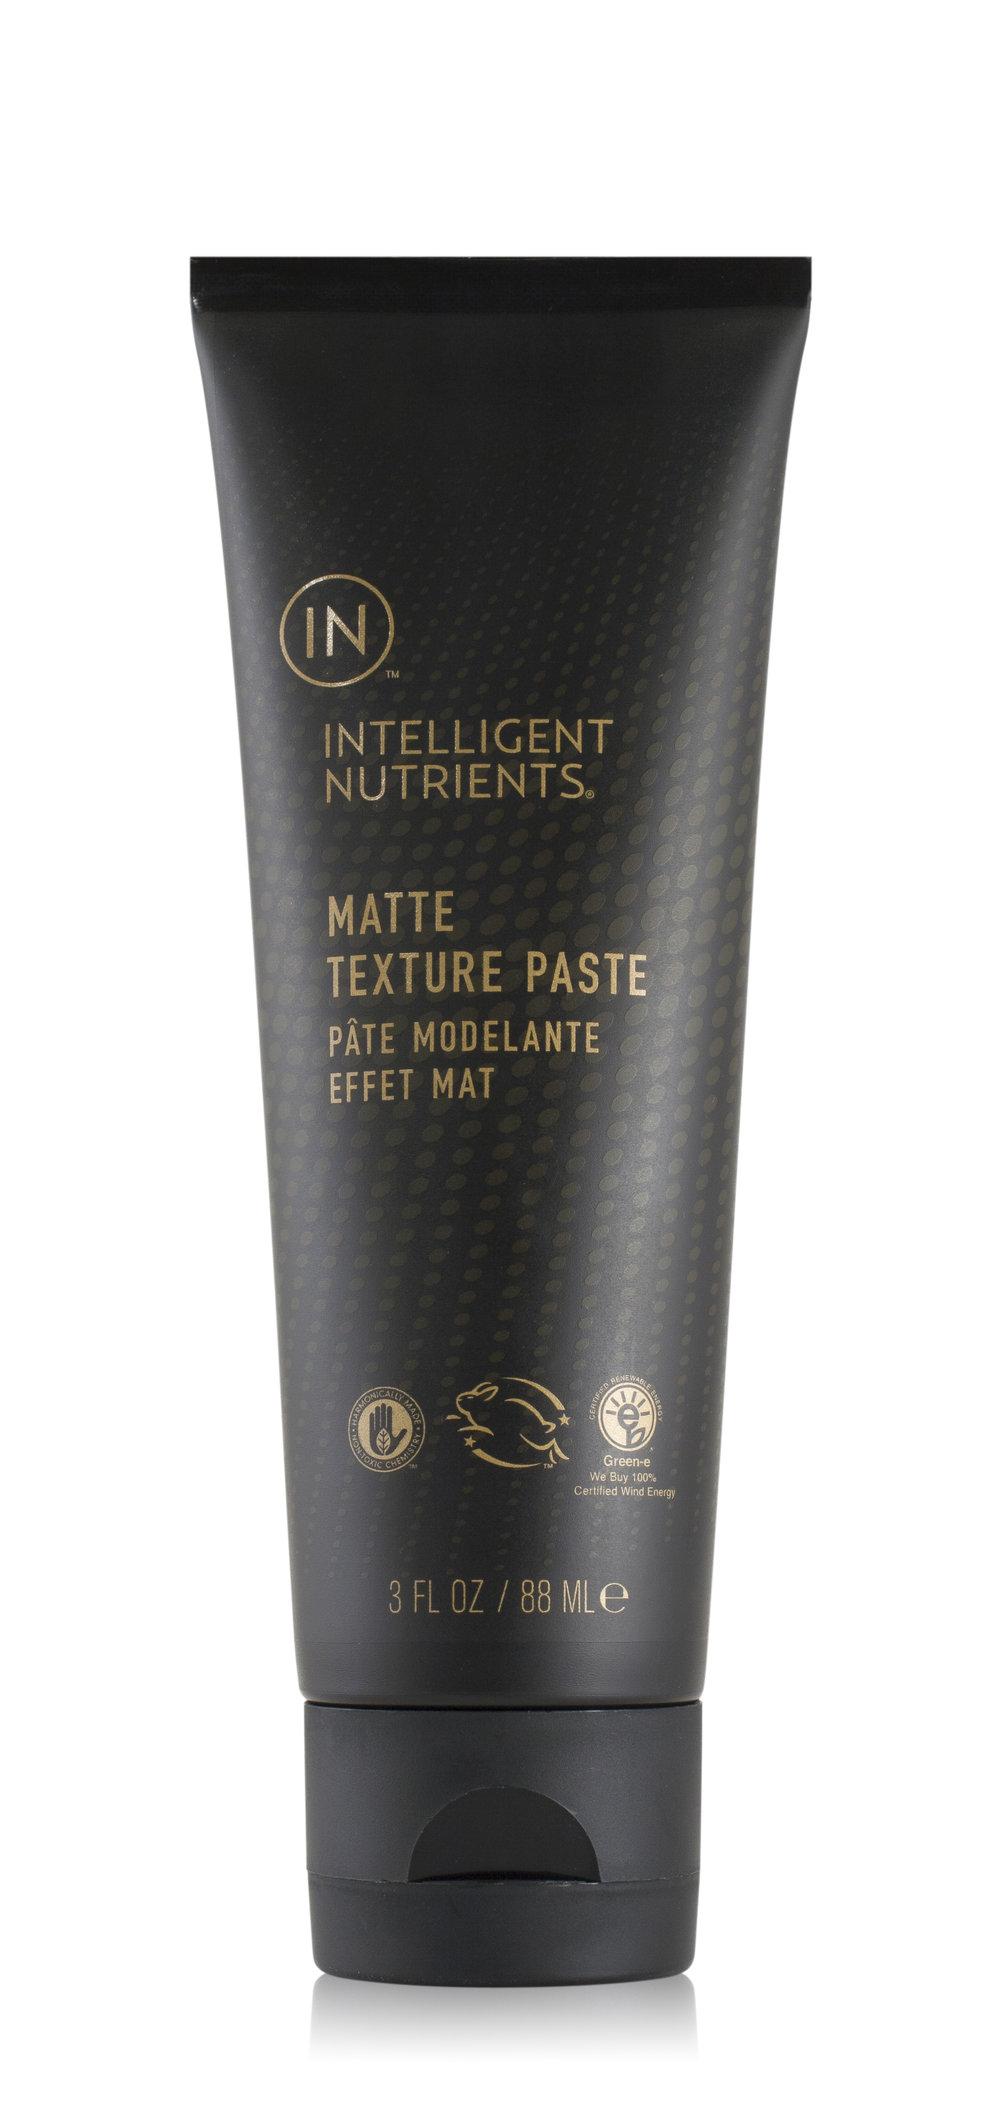 Matte Texture Paste (DKK330/8ml)